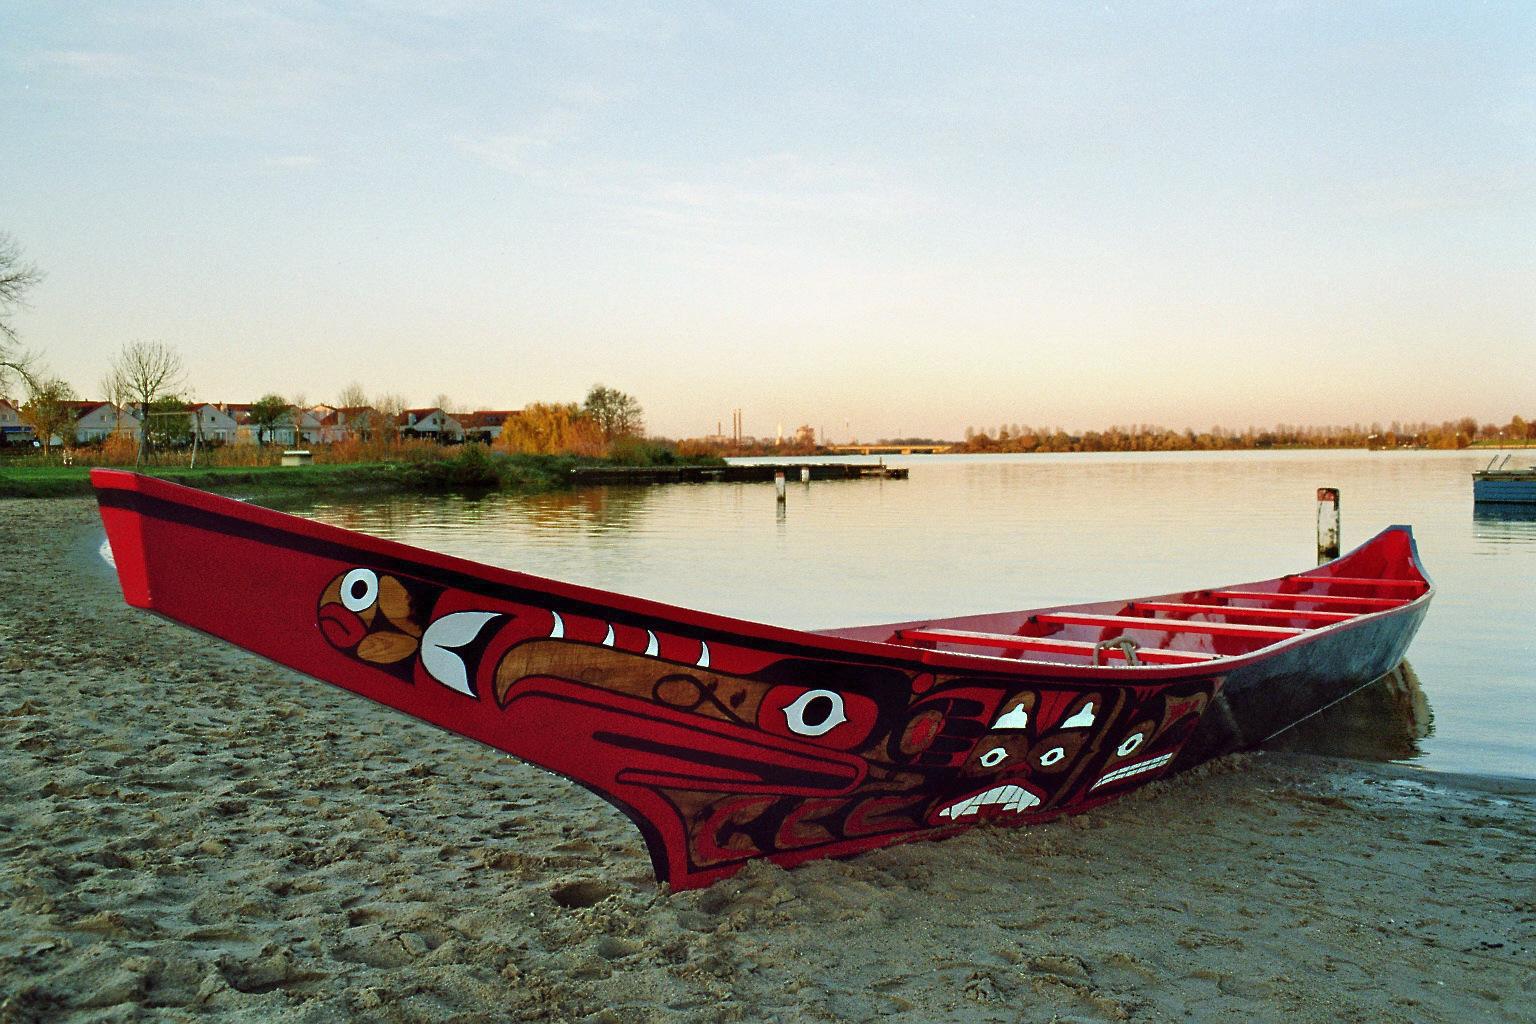 челн лодка википедия